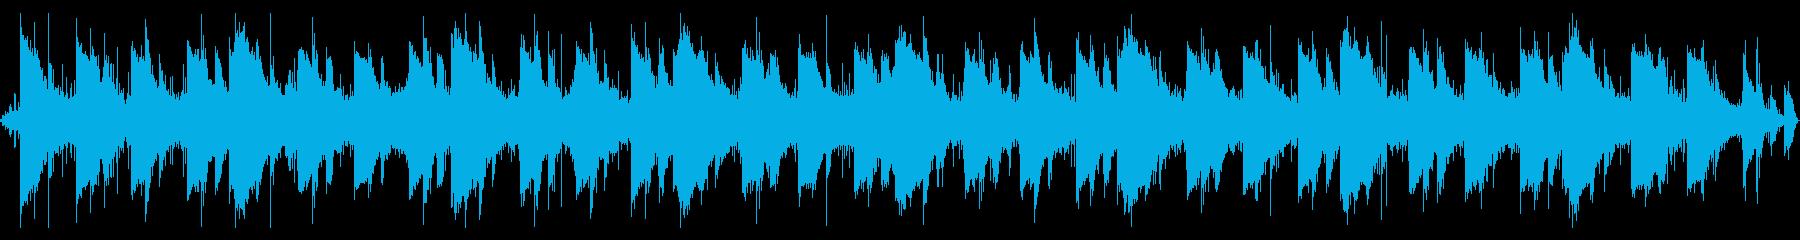 水の音と鳥の鳴き声、ヒーリング系BGMの再生済みの波形